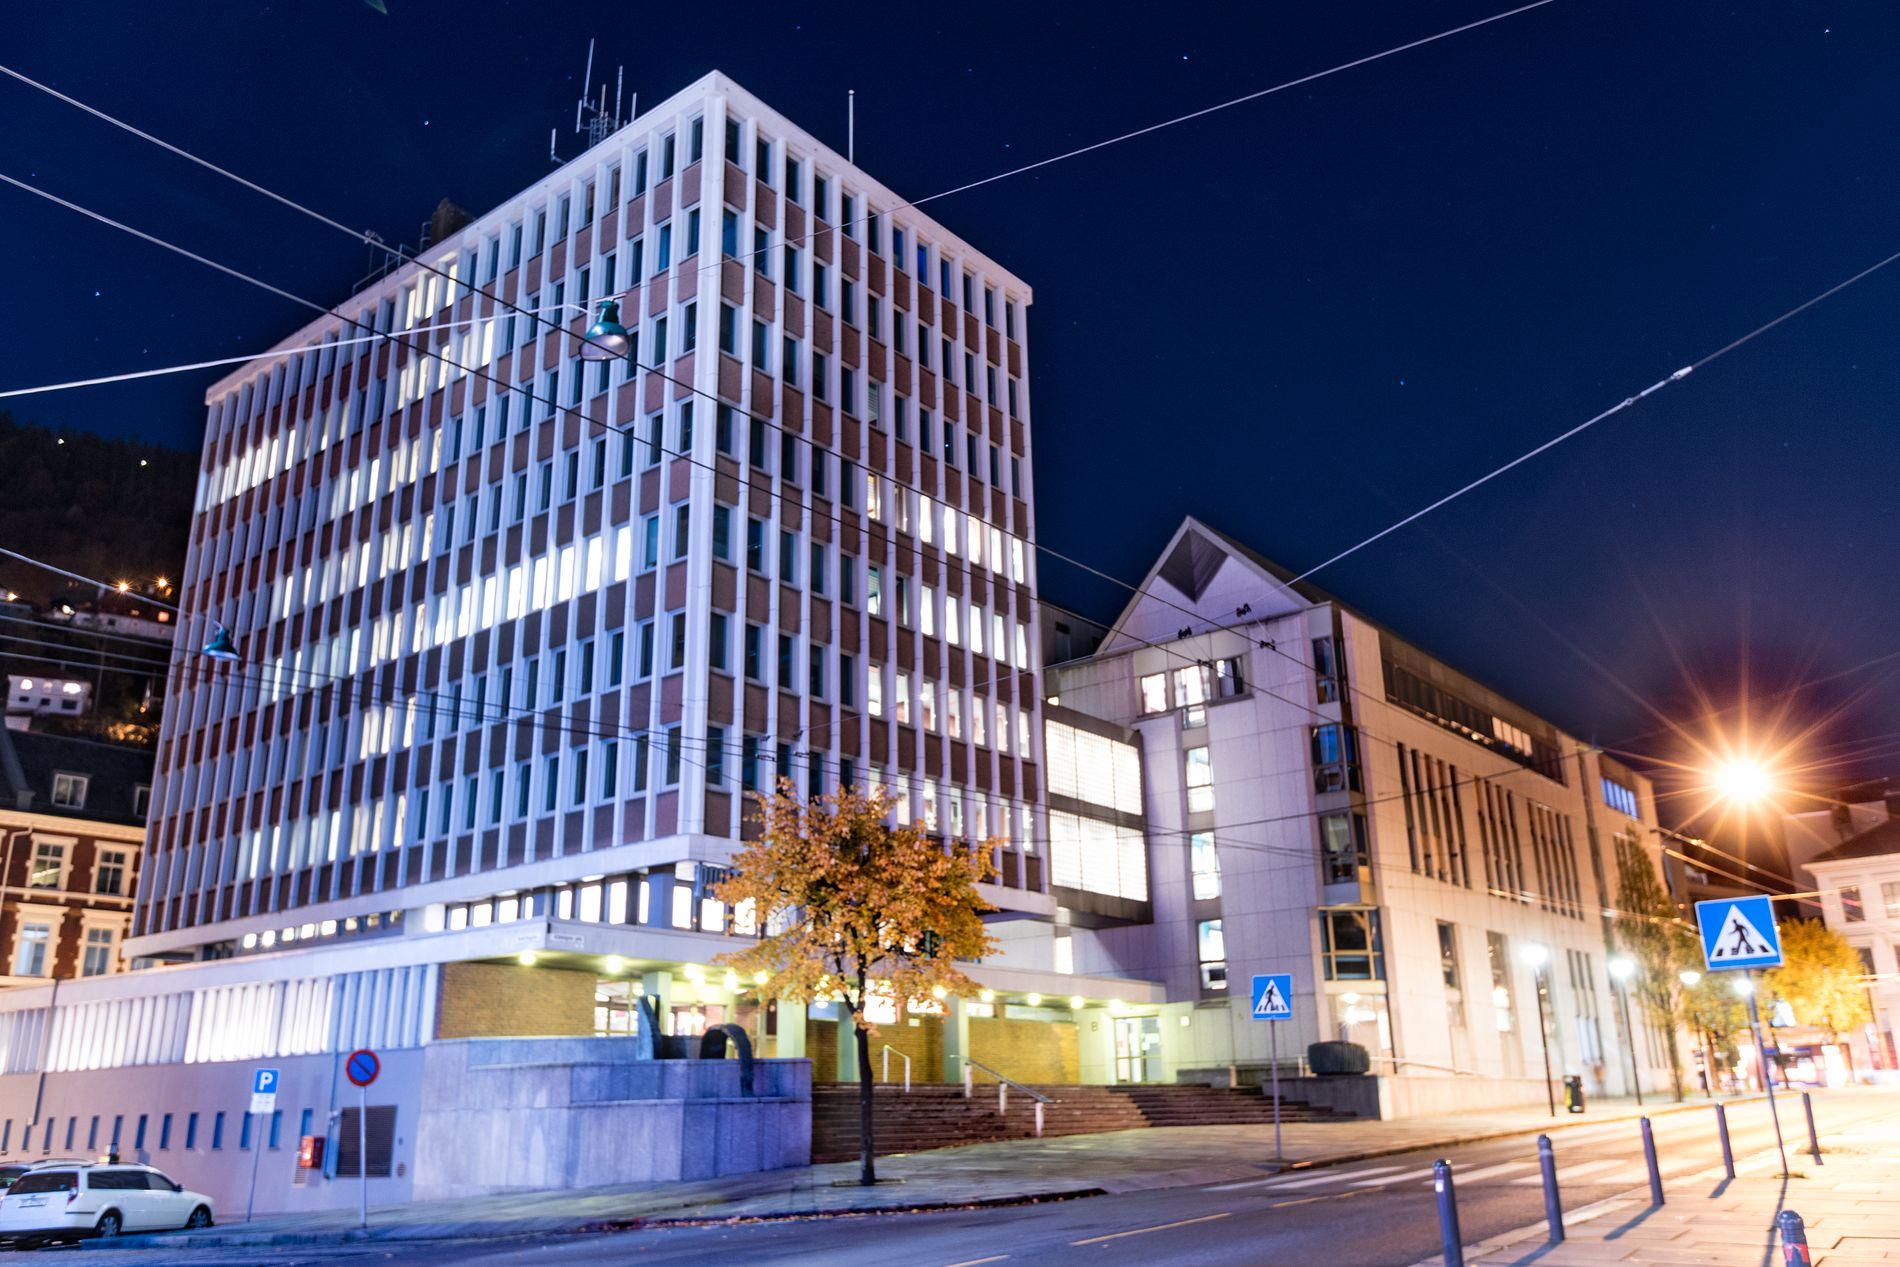 LANGT AVHØR: I flere timer satt politimannen i avhør her på politihuset i Bergen.